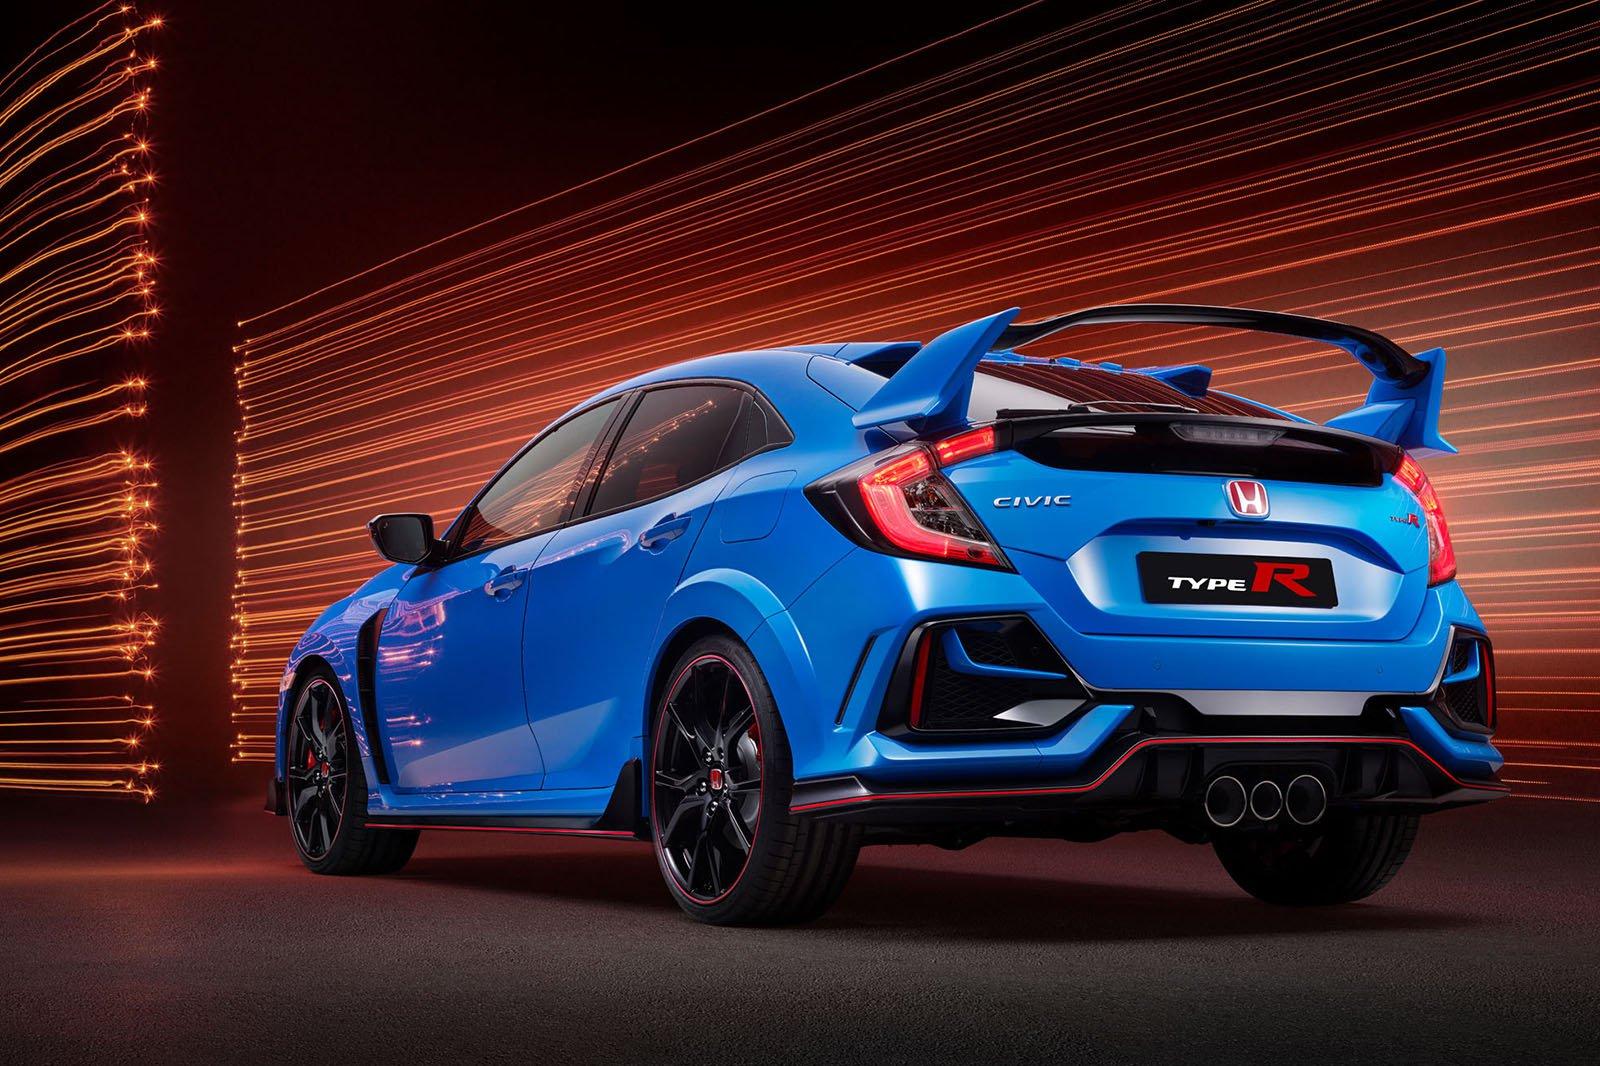 2020 Honda Civic Type R rear